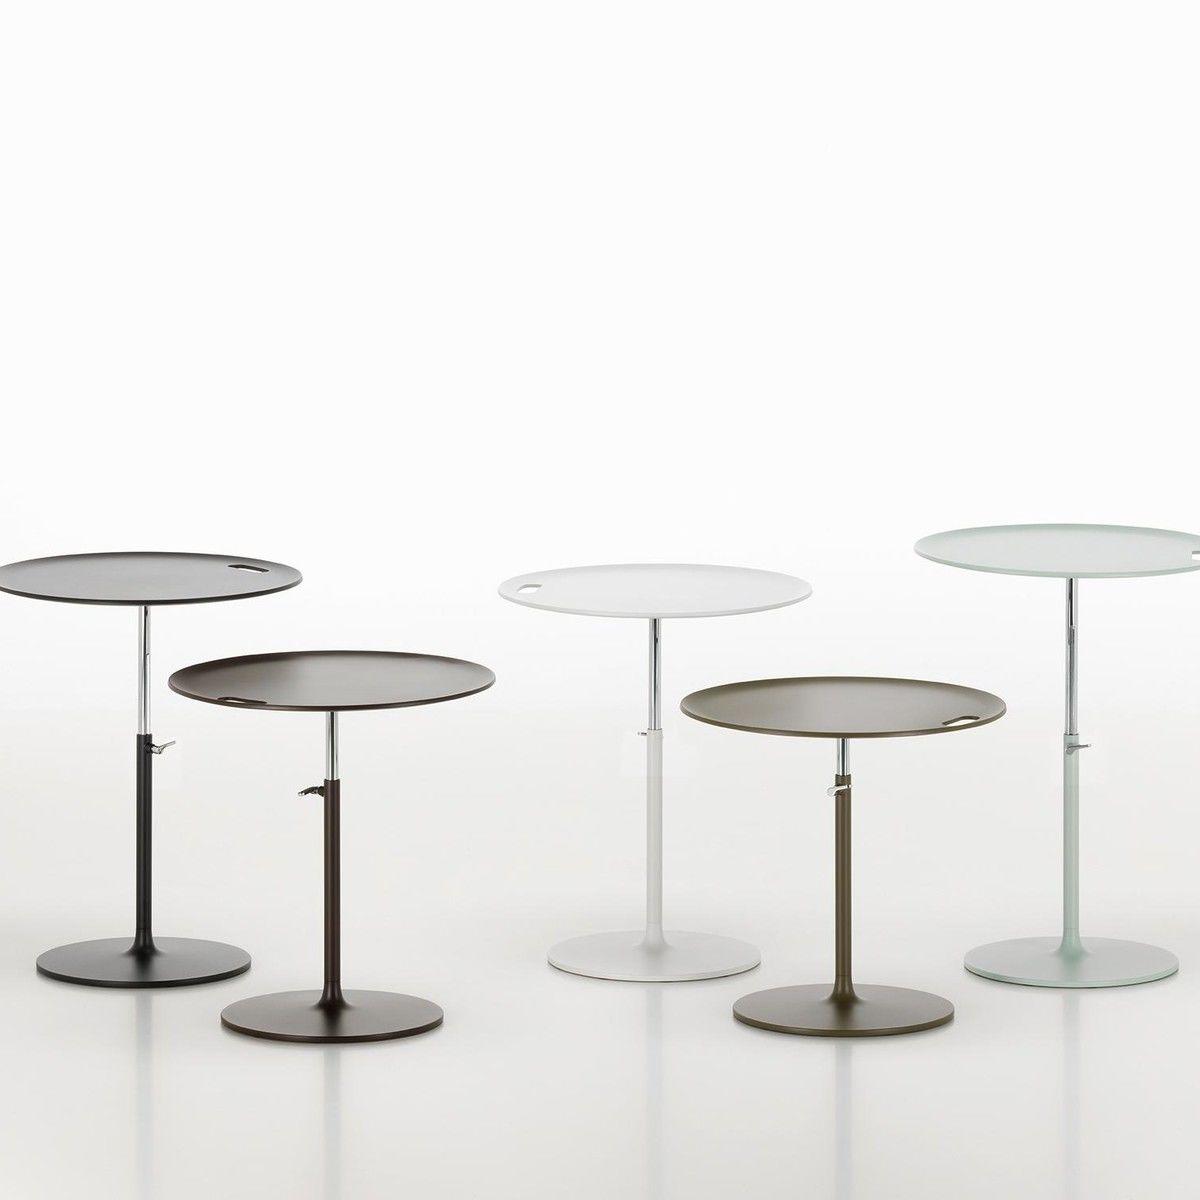 Rise table beistelltisch vitra for Beistelltisch vitra